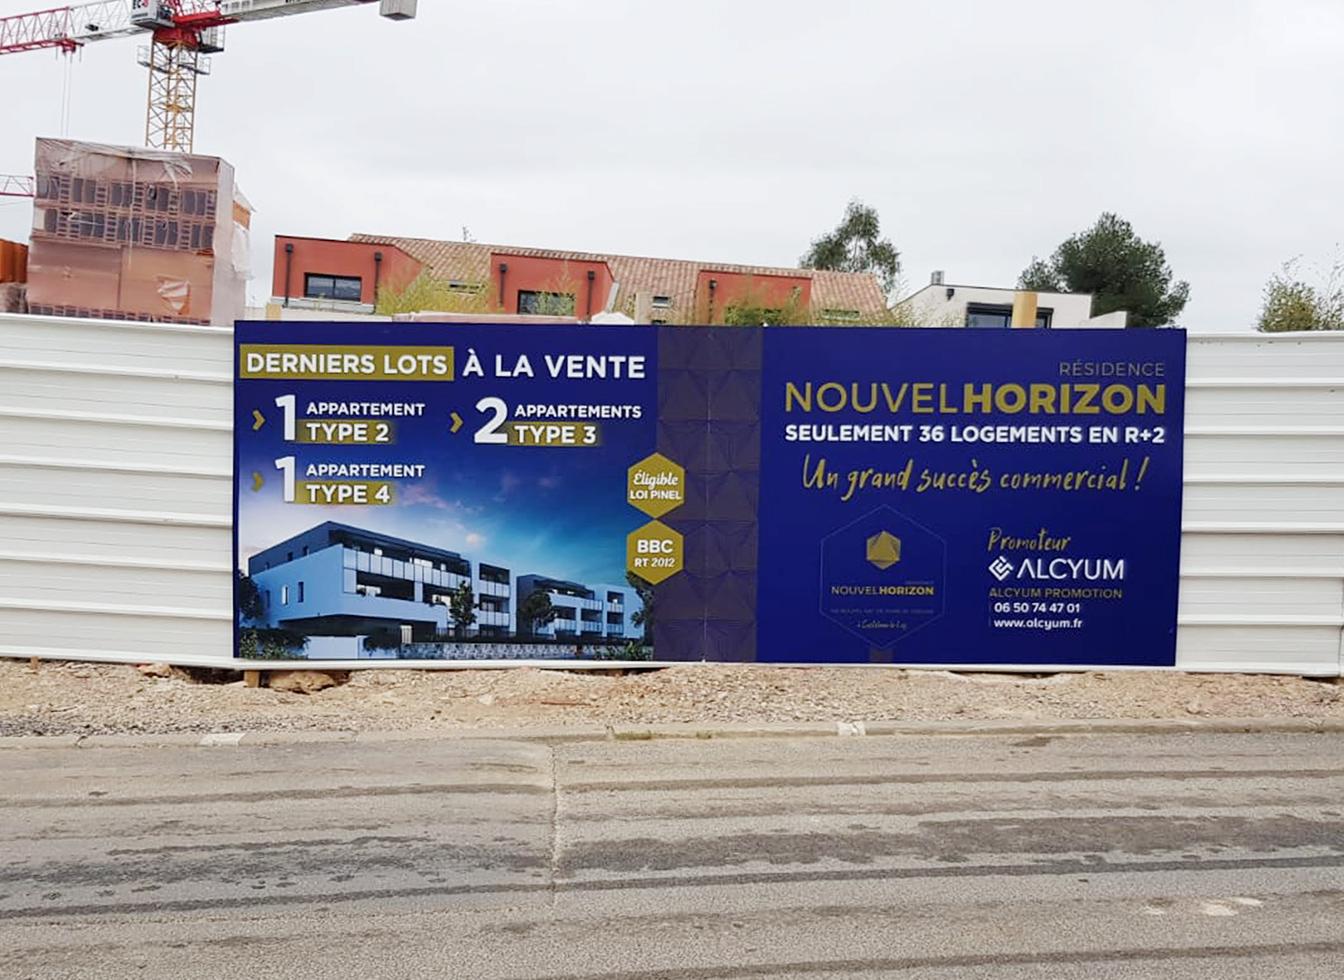 Projet résidence Nouvel horizon : Chantier